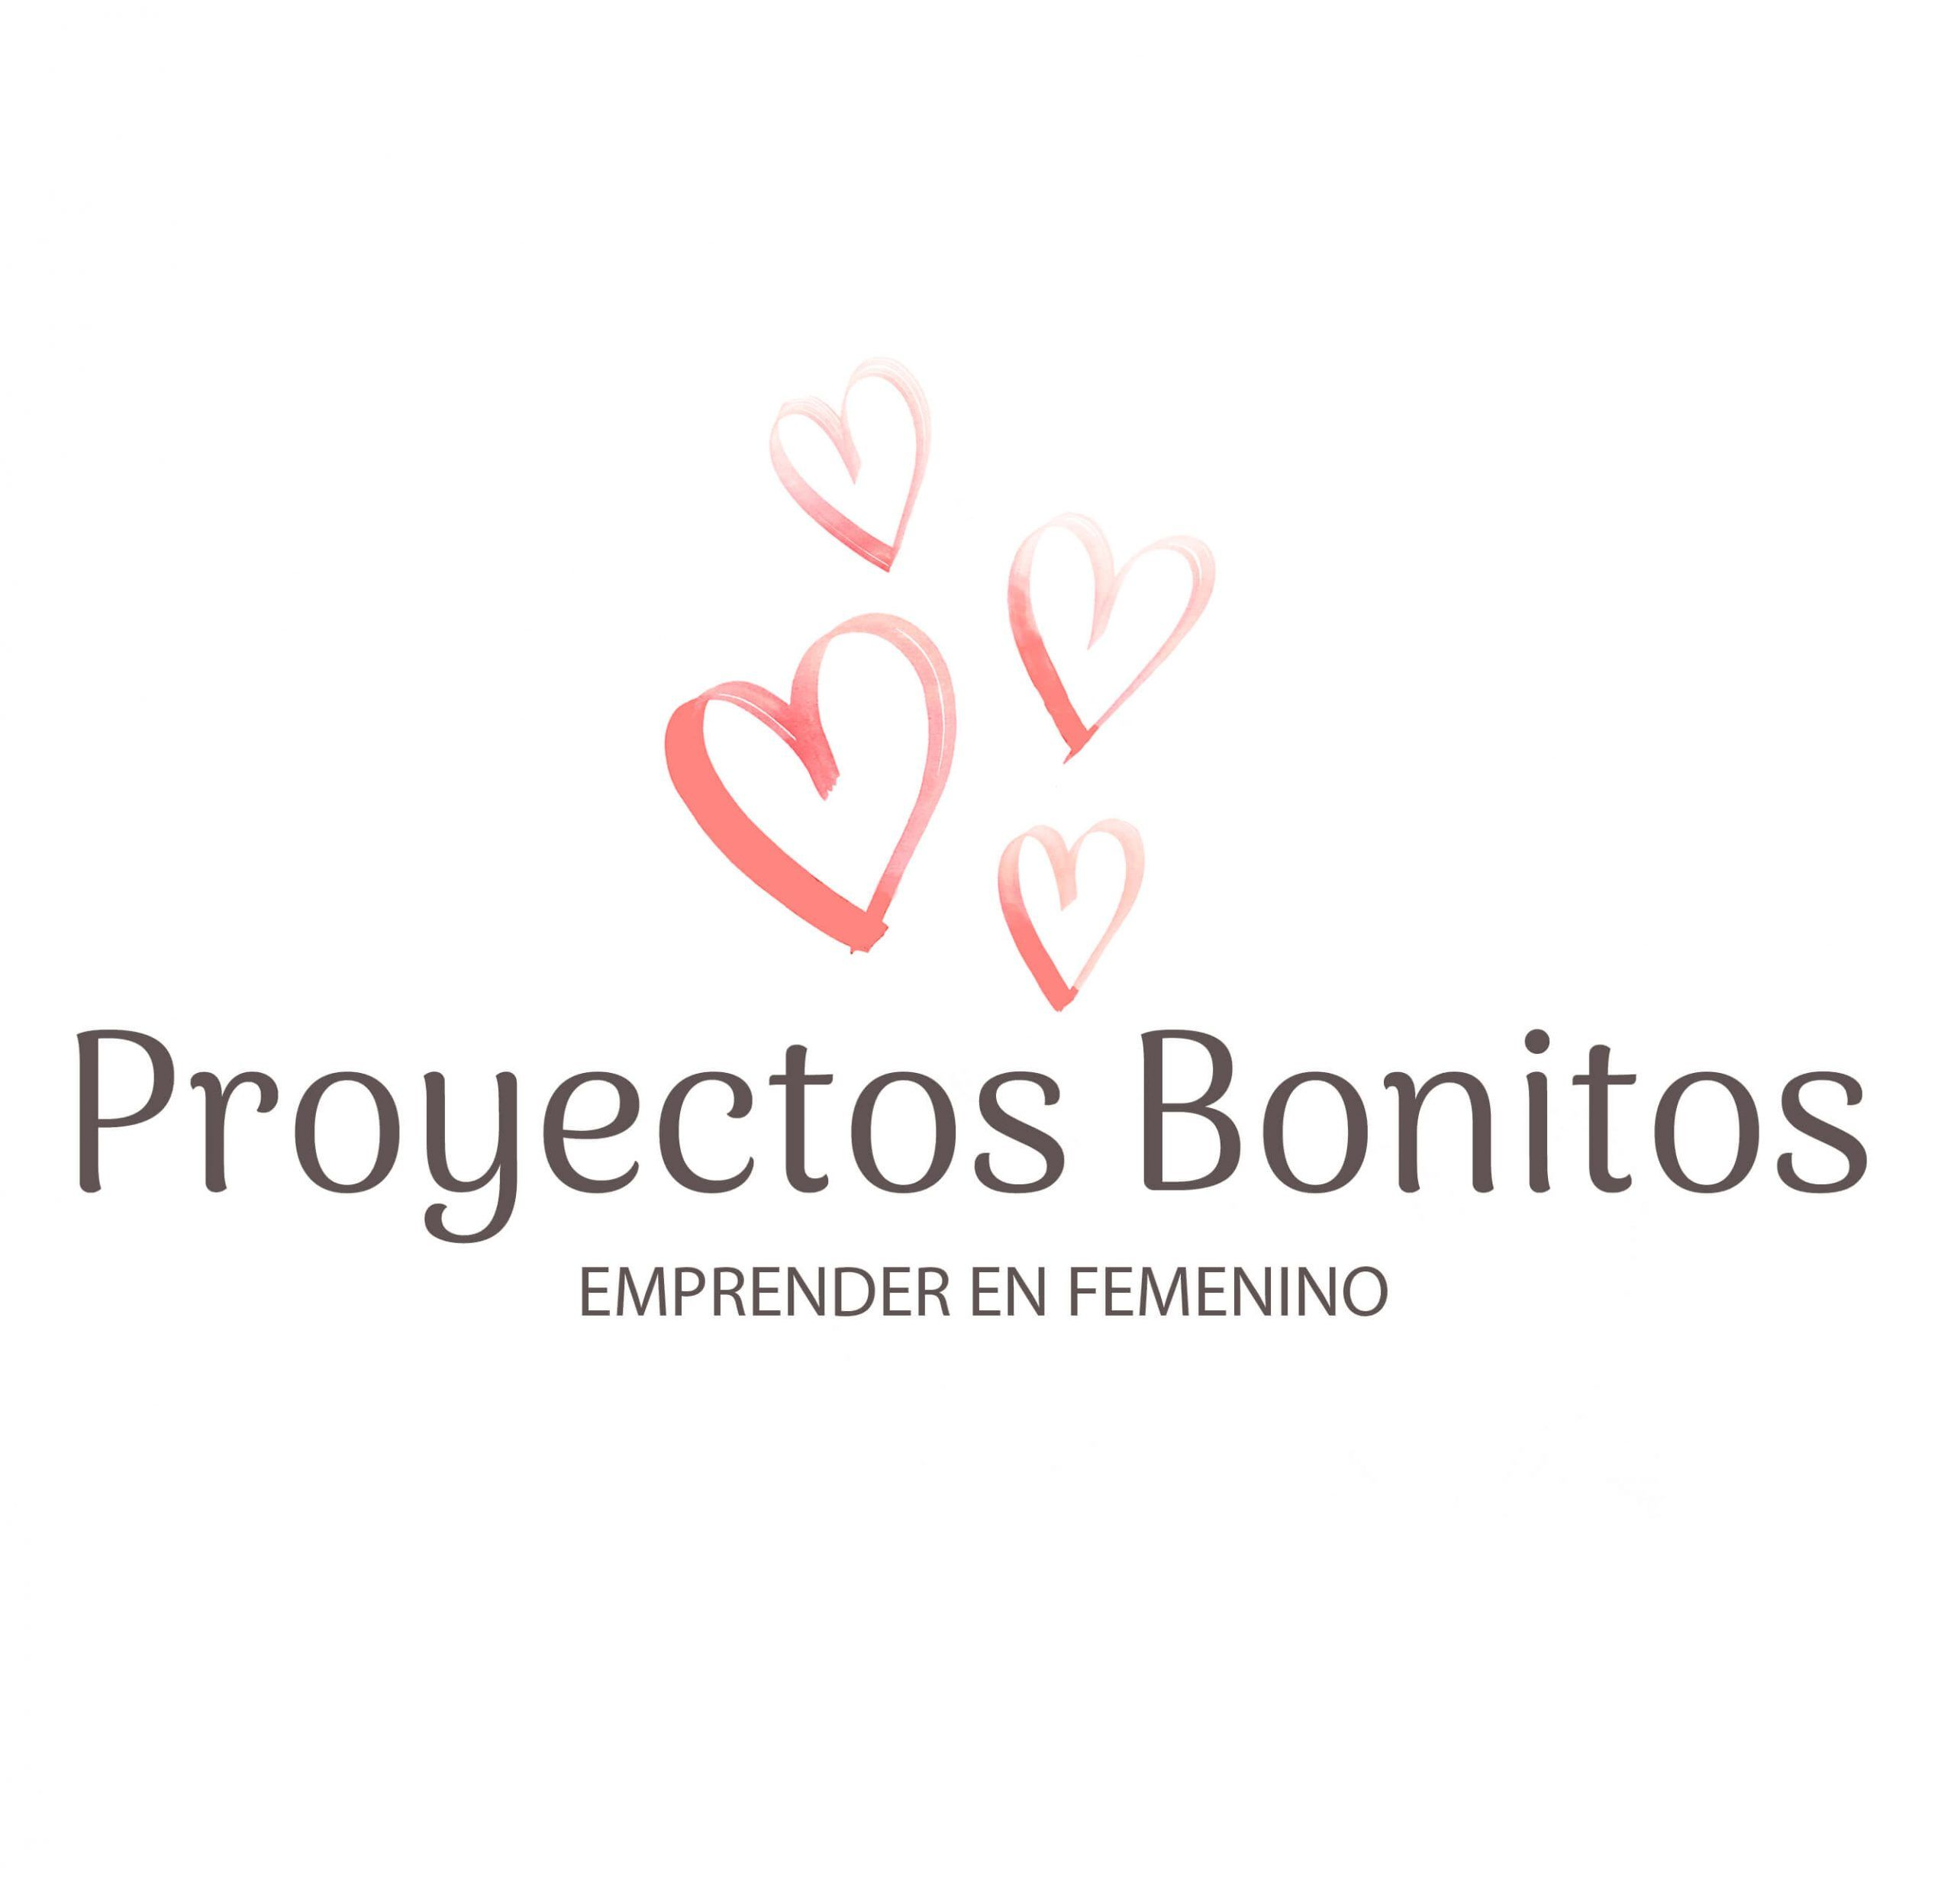 proyectos bonitos, emprender en femenino